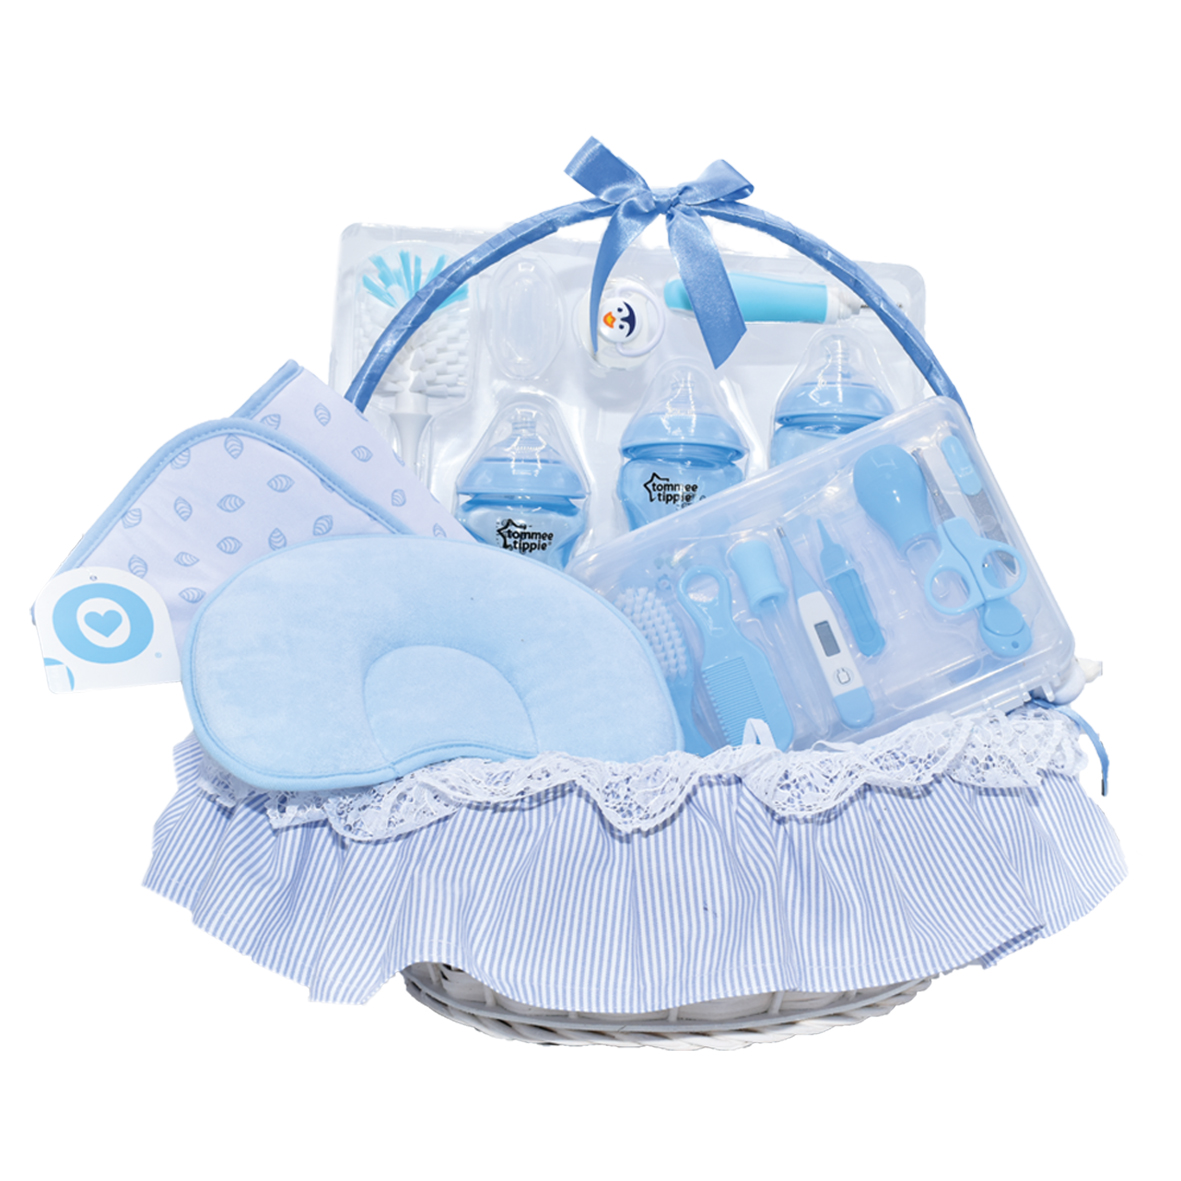 Canastilla para cuidado del bebe azul niño